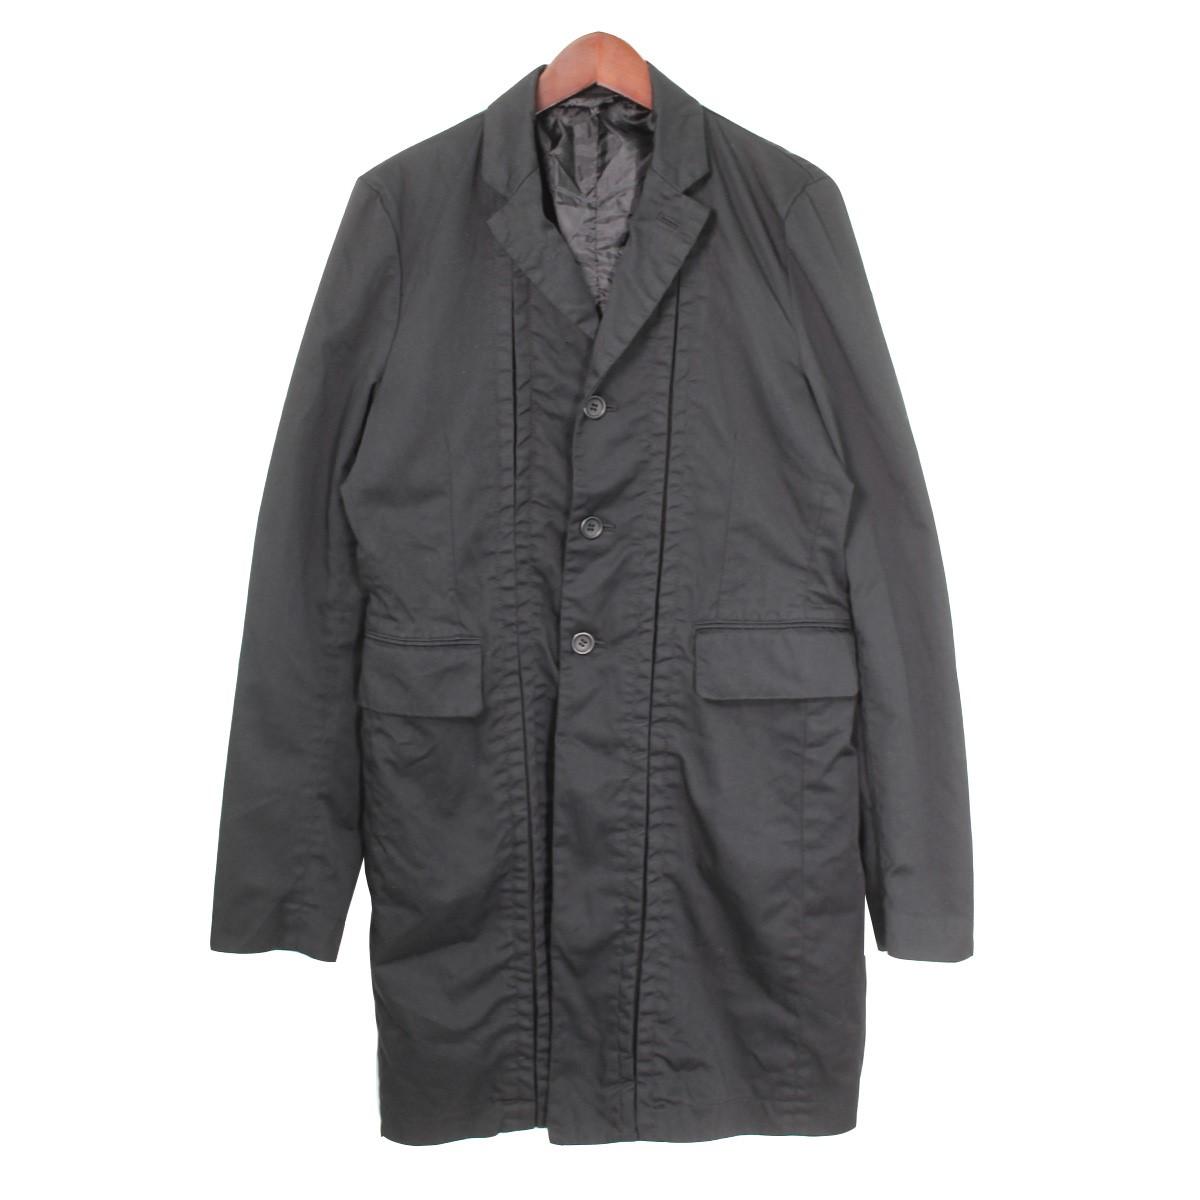 【中古】BLACK COMME des GARCONS16SS テーラード3Bロングジャケット ブラック サイズ:M 【3月30日見直し】